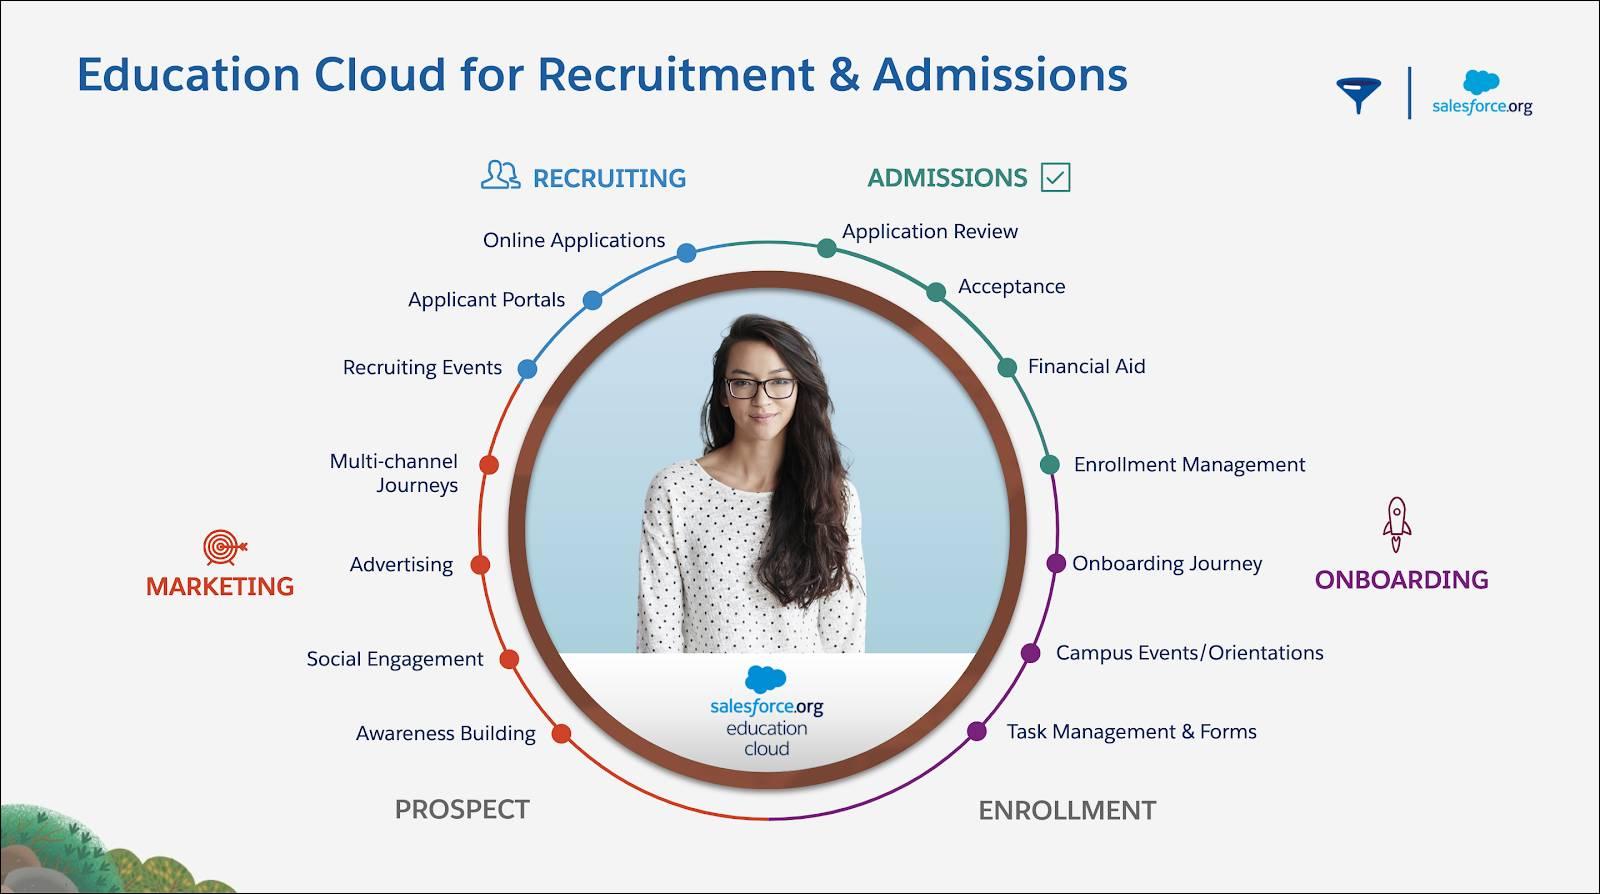 Education Cloud for Recruitment & Admissions は、学校が学生を入学希望フェーズから入学まで支援するのに役立ちます。Education Cloud にはマーケティング、学生募集、入学事務、オンボーディングのためのツールがあります。